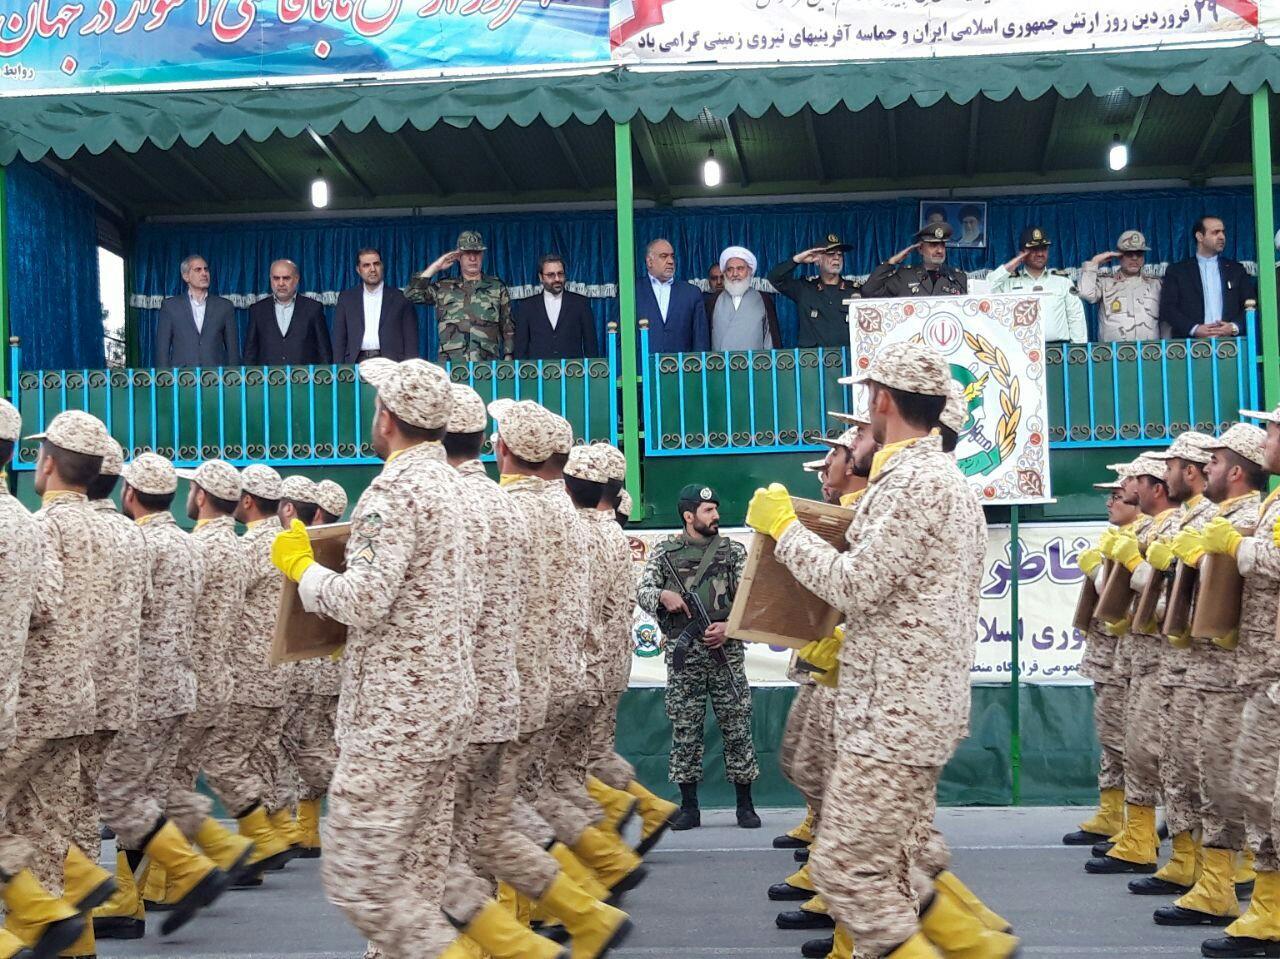 رژه باشکوه دلاور مردان ارتش در استان کرمانشاه